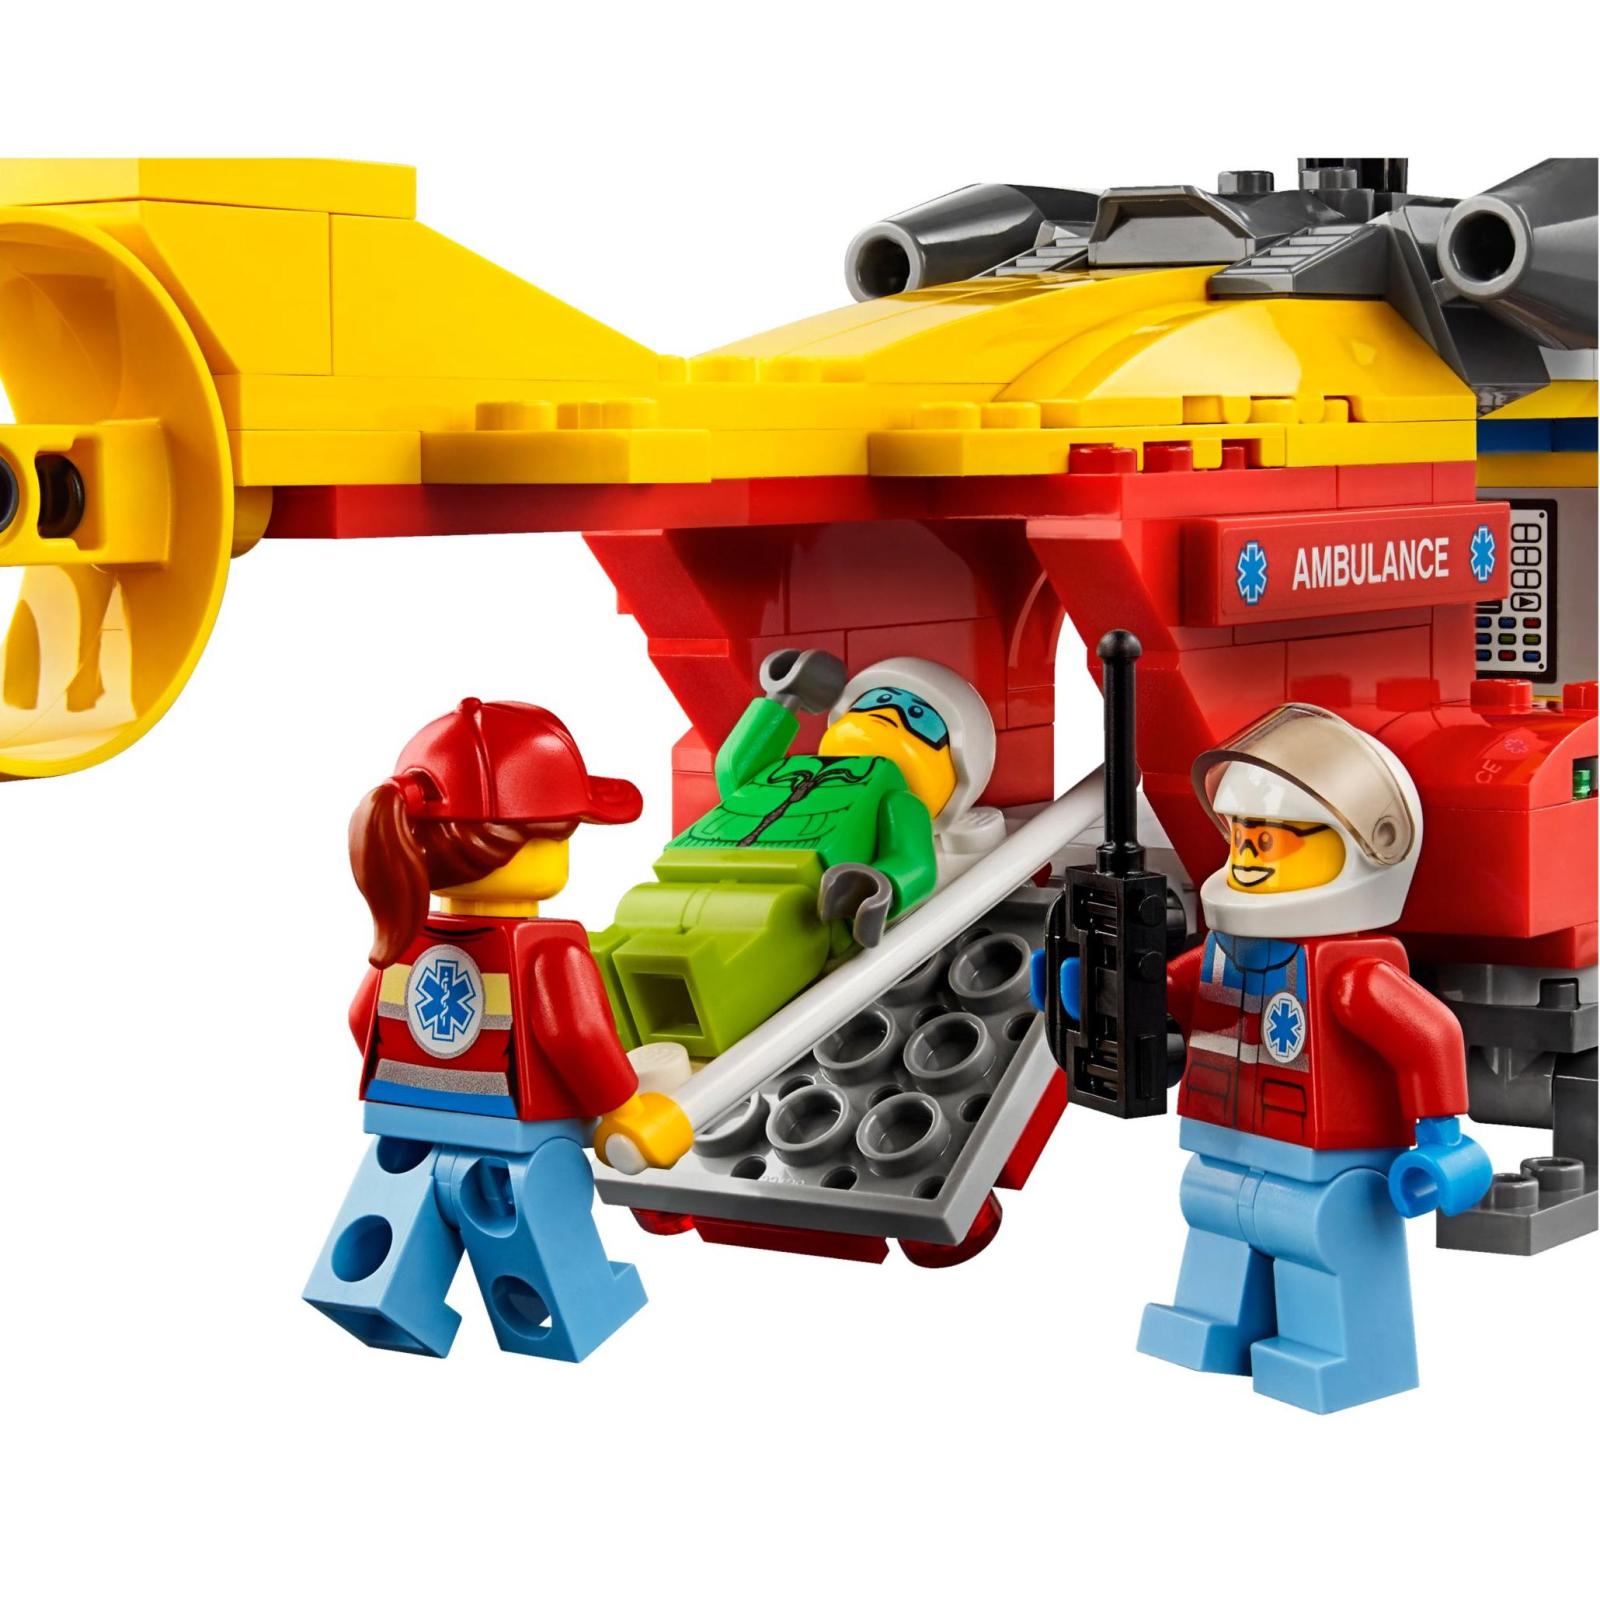 Конструктор LEGO City Вертолет скорой помощи (60179) изображение 4